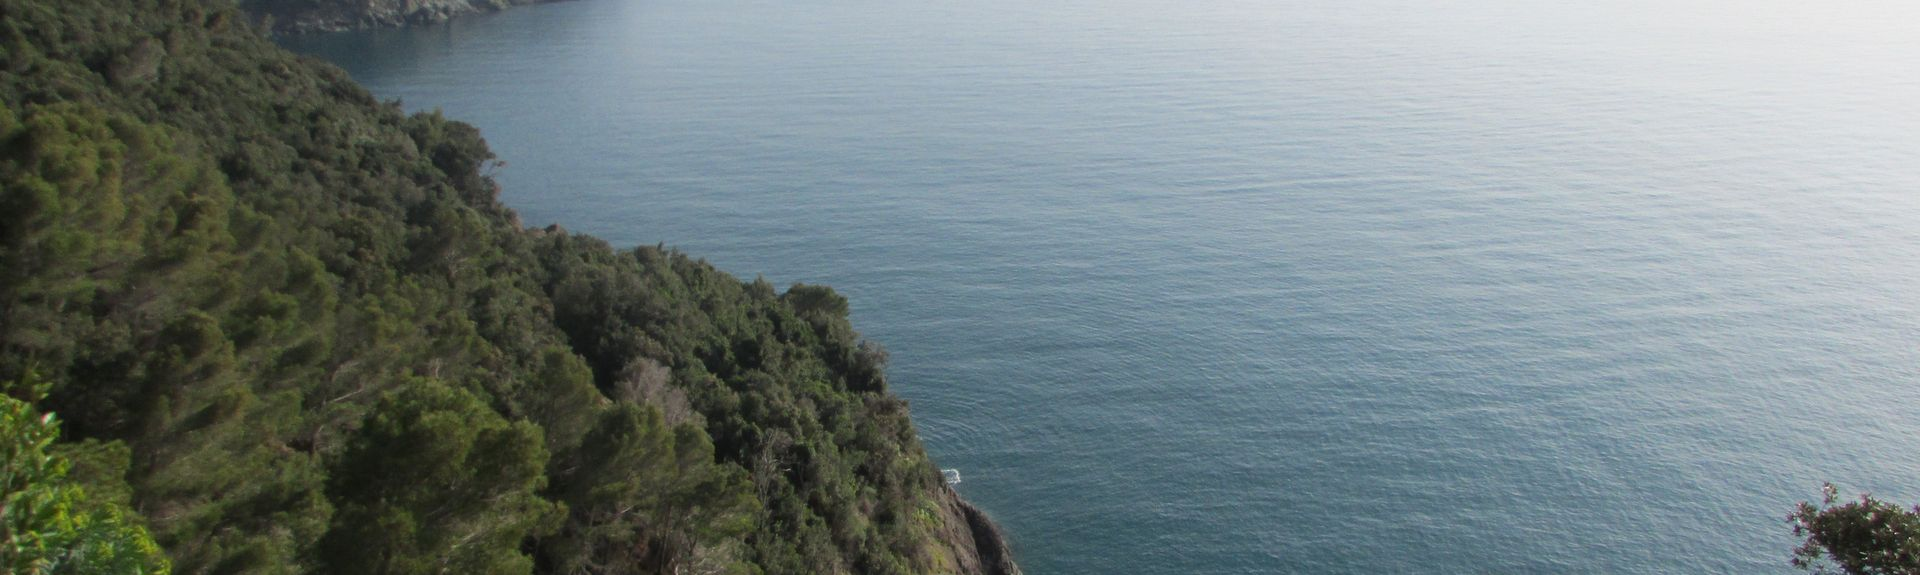 Strand von Vernazza, Vernazza, Ligurien, Italien